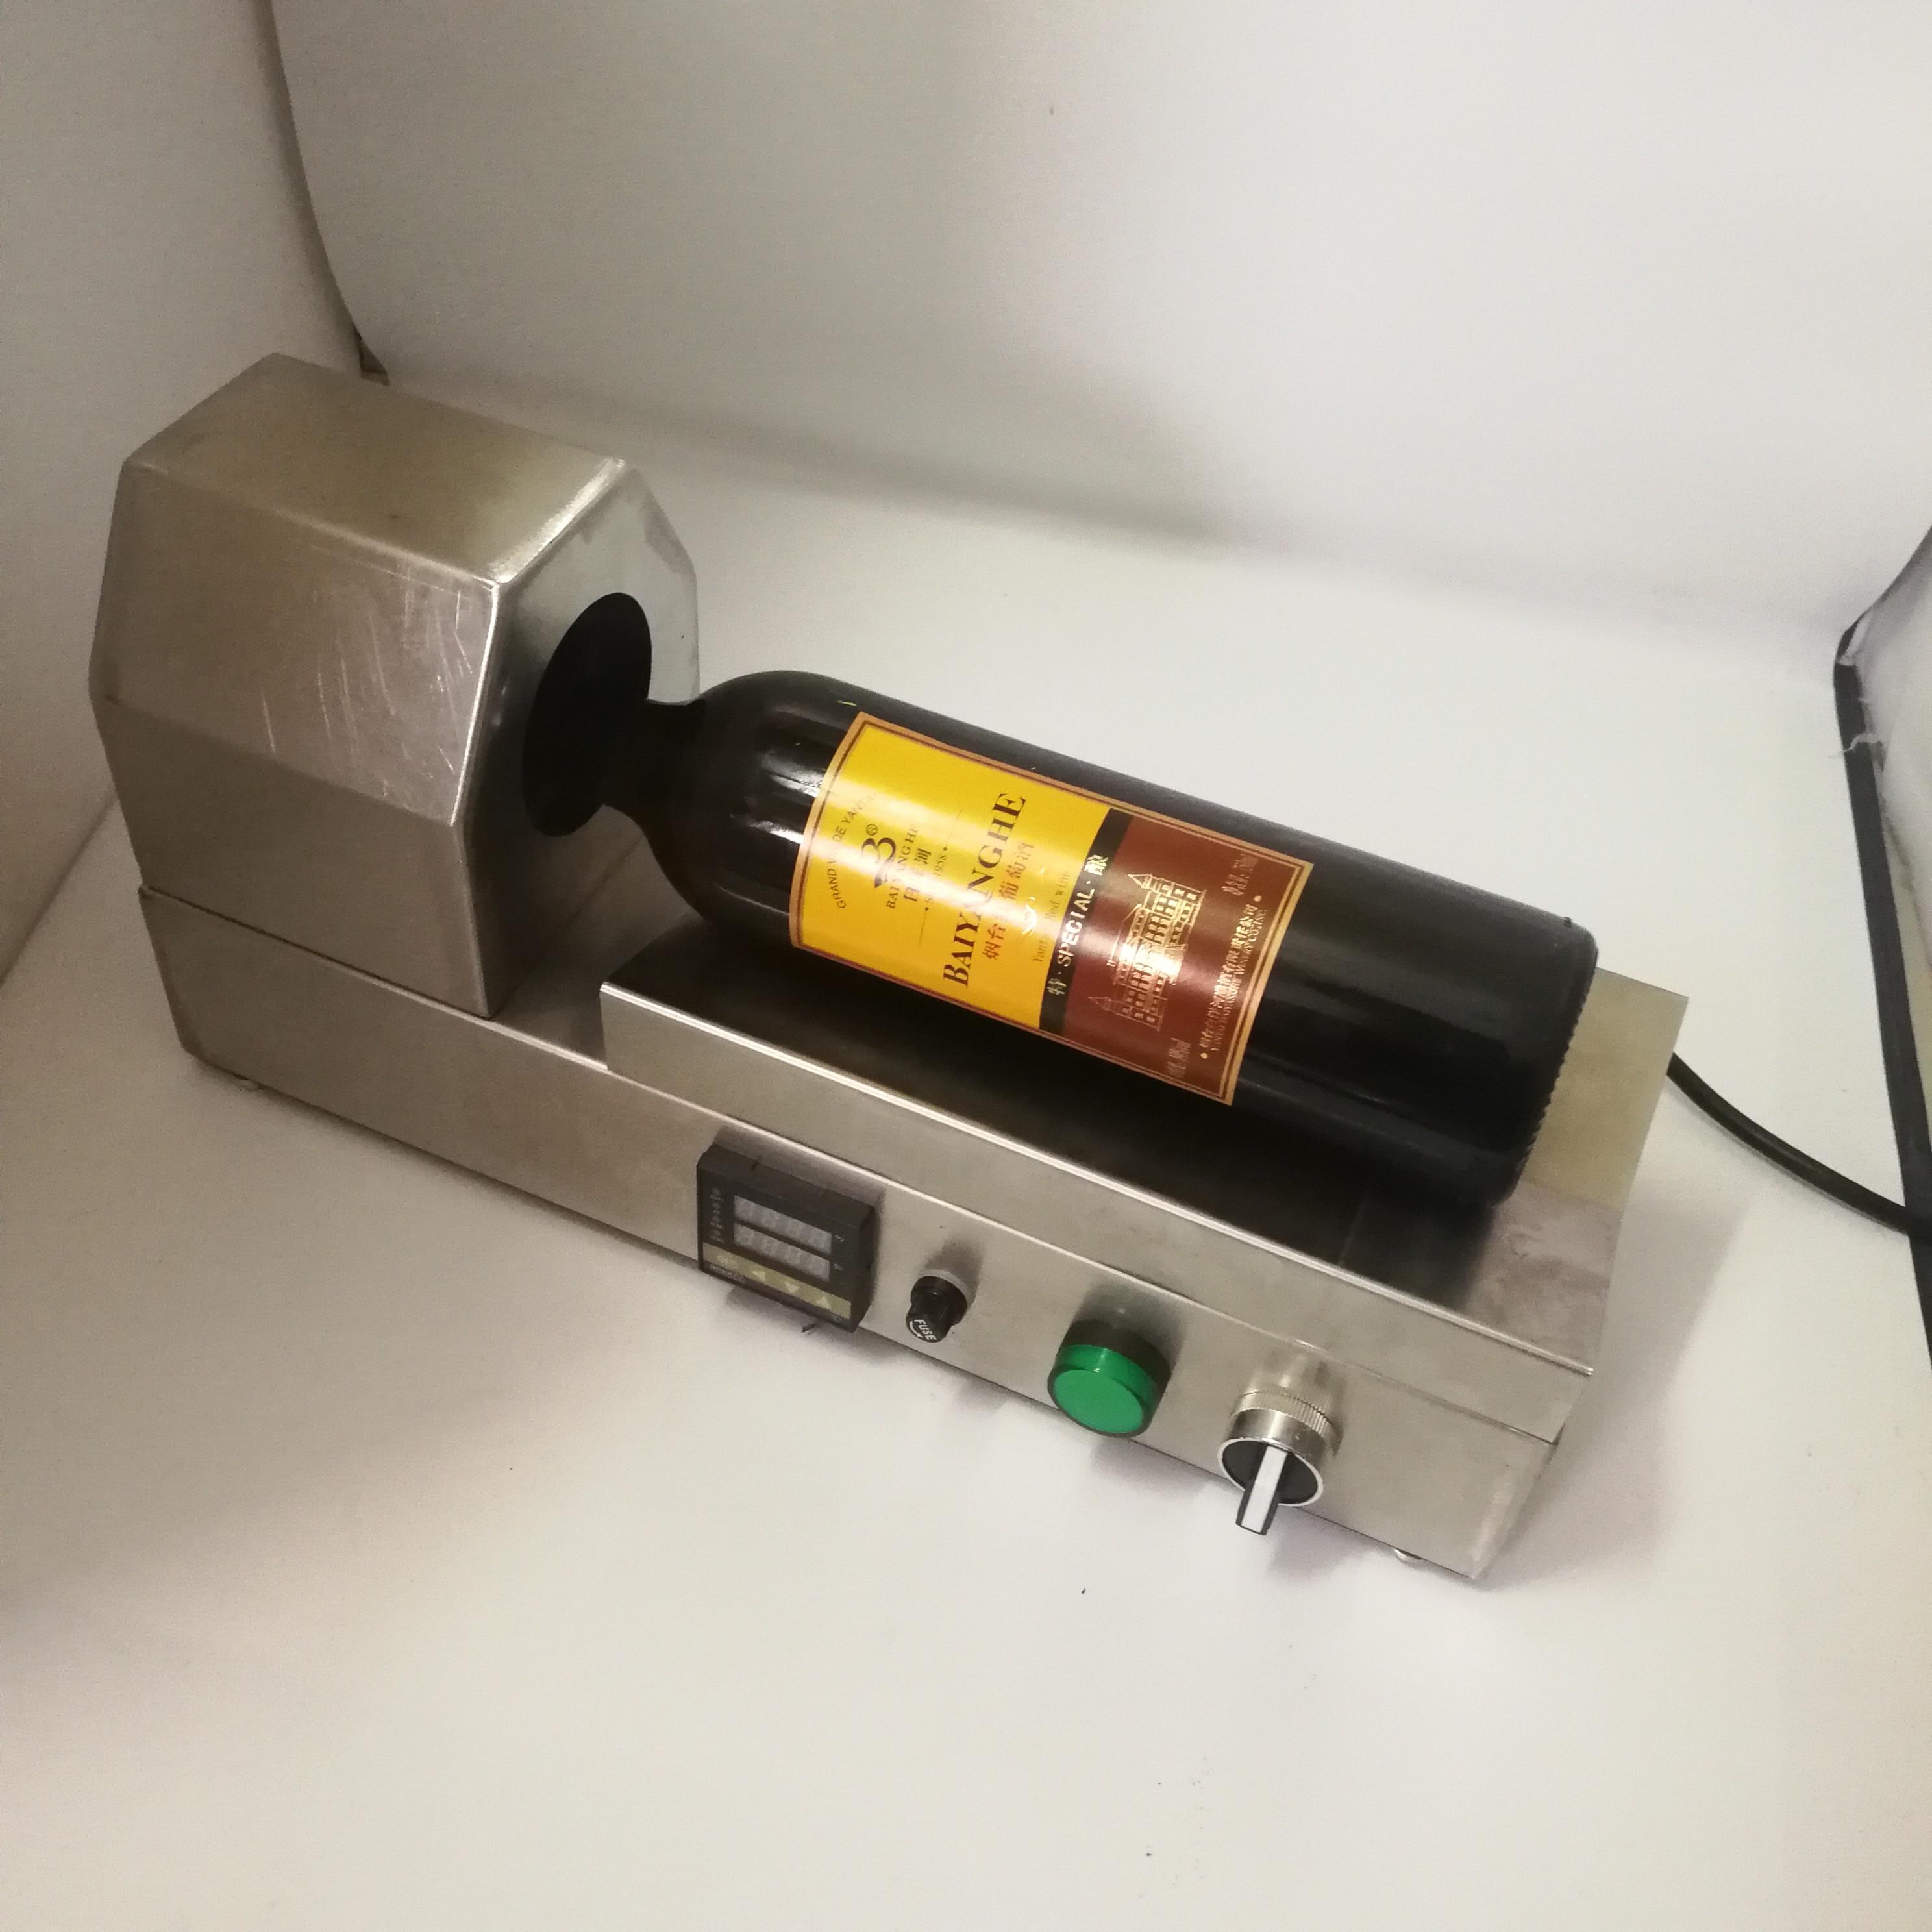 انكماش حراري لغطاء الزجاجة البلاستيكية ، 110 فولت/220 فولت PVC ، آلة ختم النبيذ الأحمر